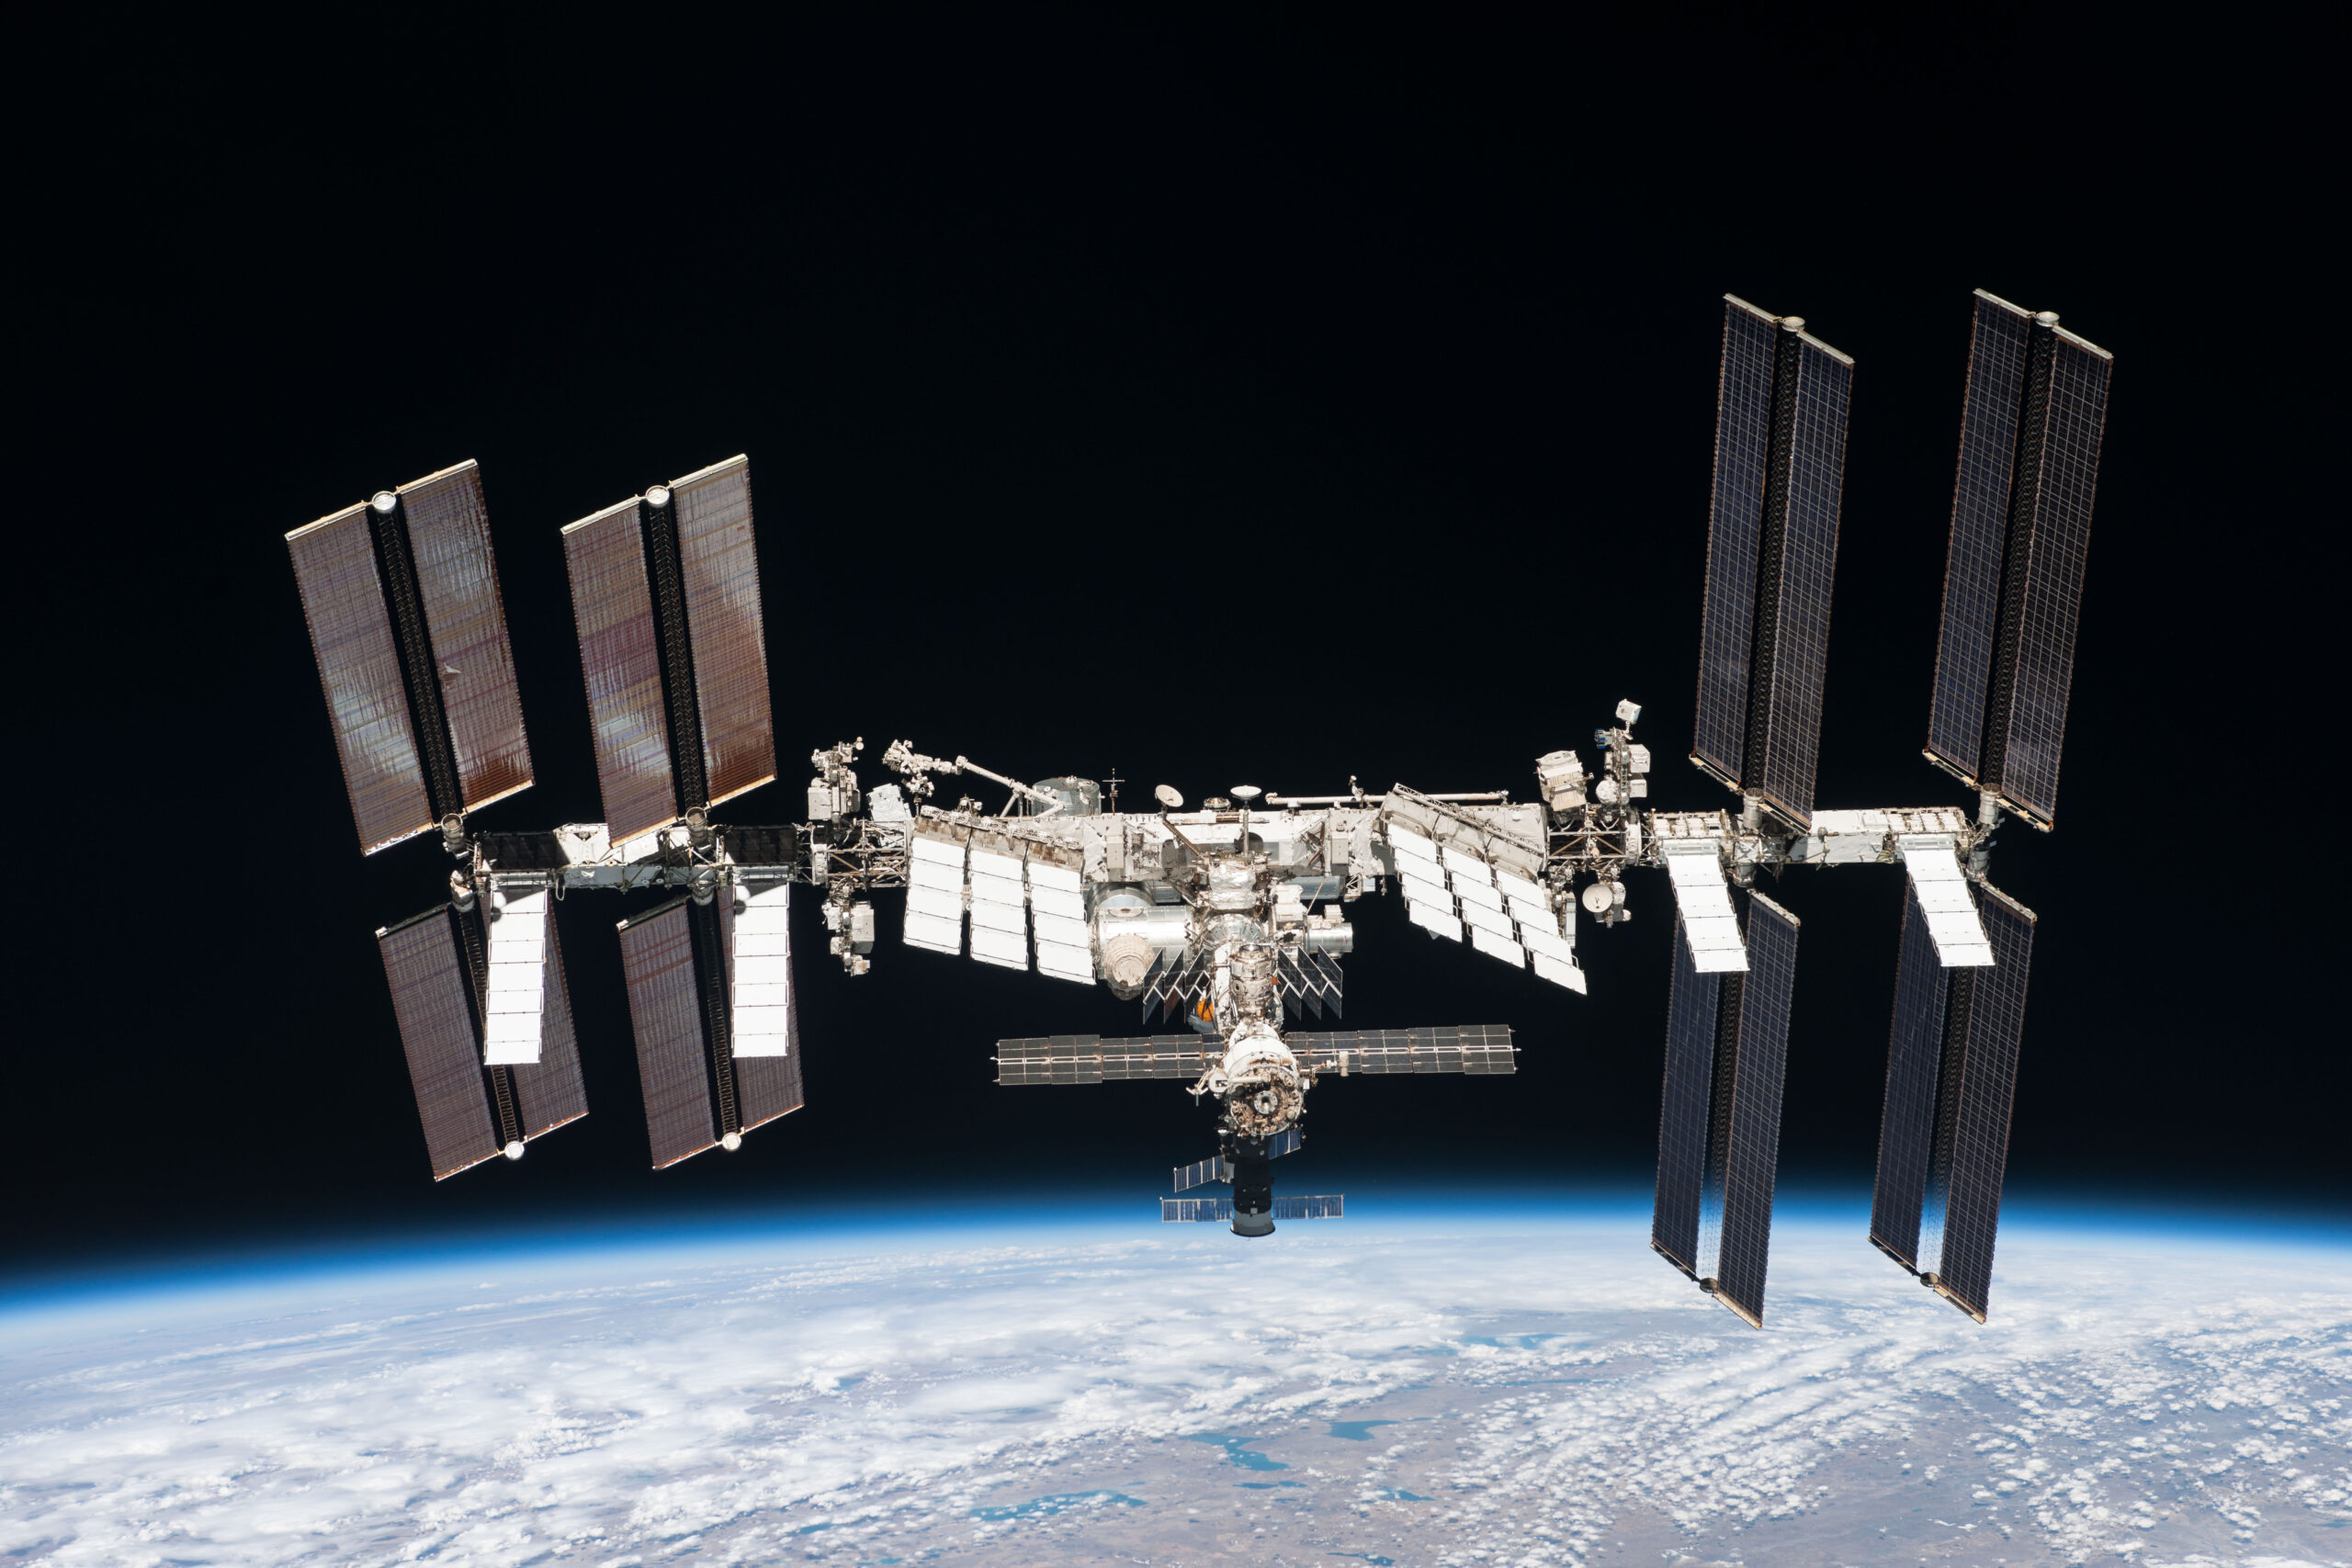 Утечка воздуха на МКС происходит в главном российском модуле